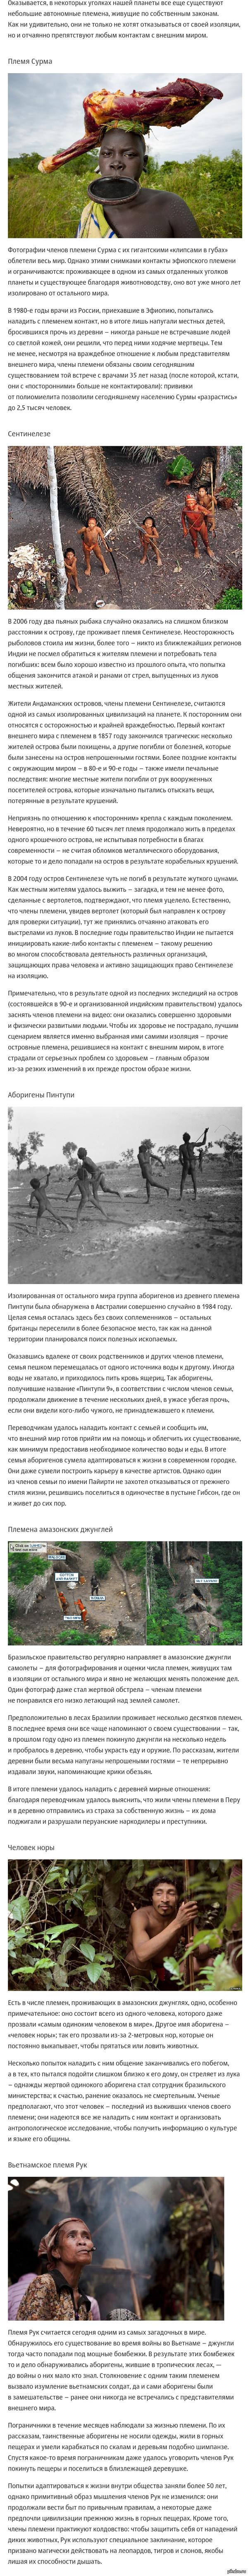 Современные племена, живущие в полной изоляции